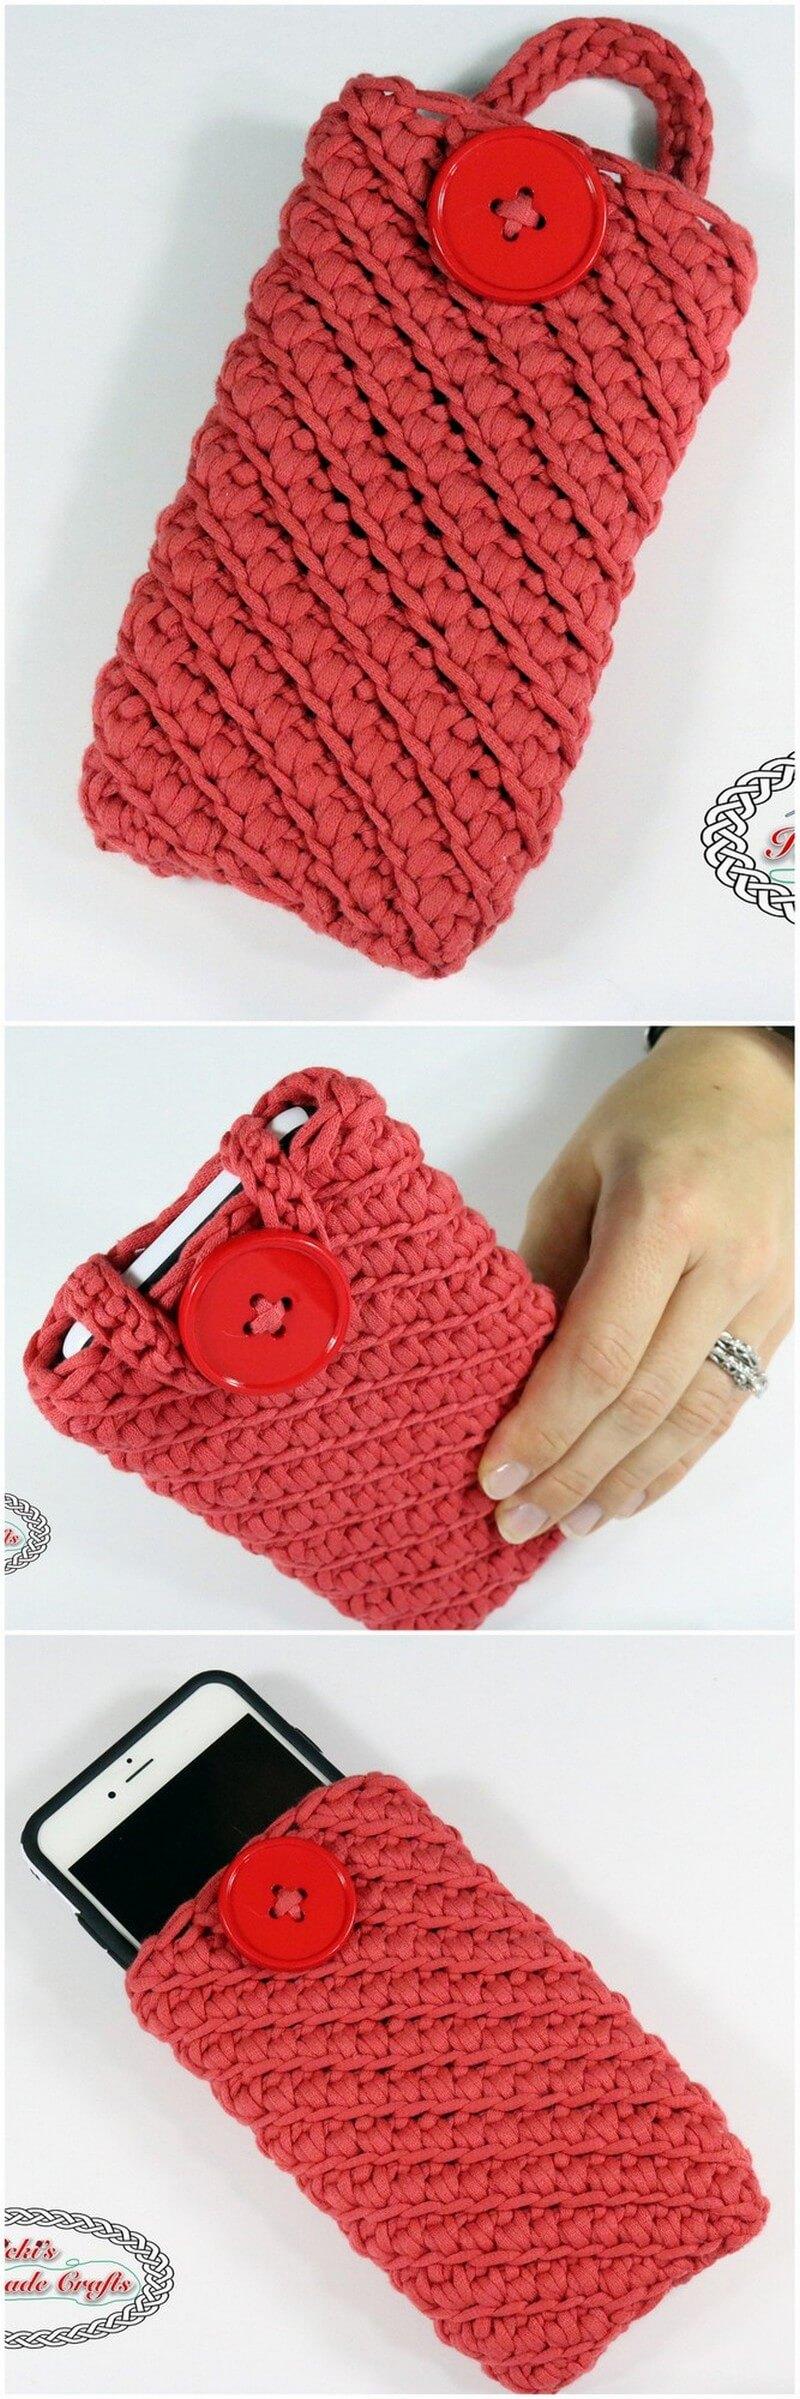 Crochet Mobile Cover Pattern (44)